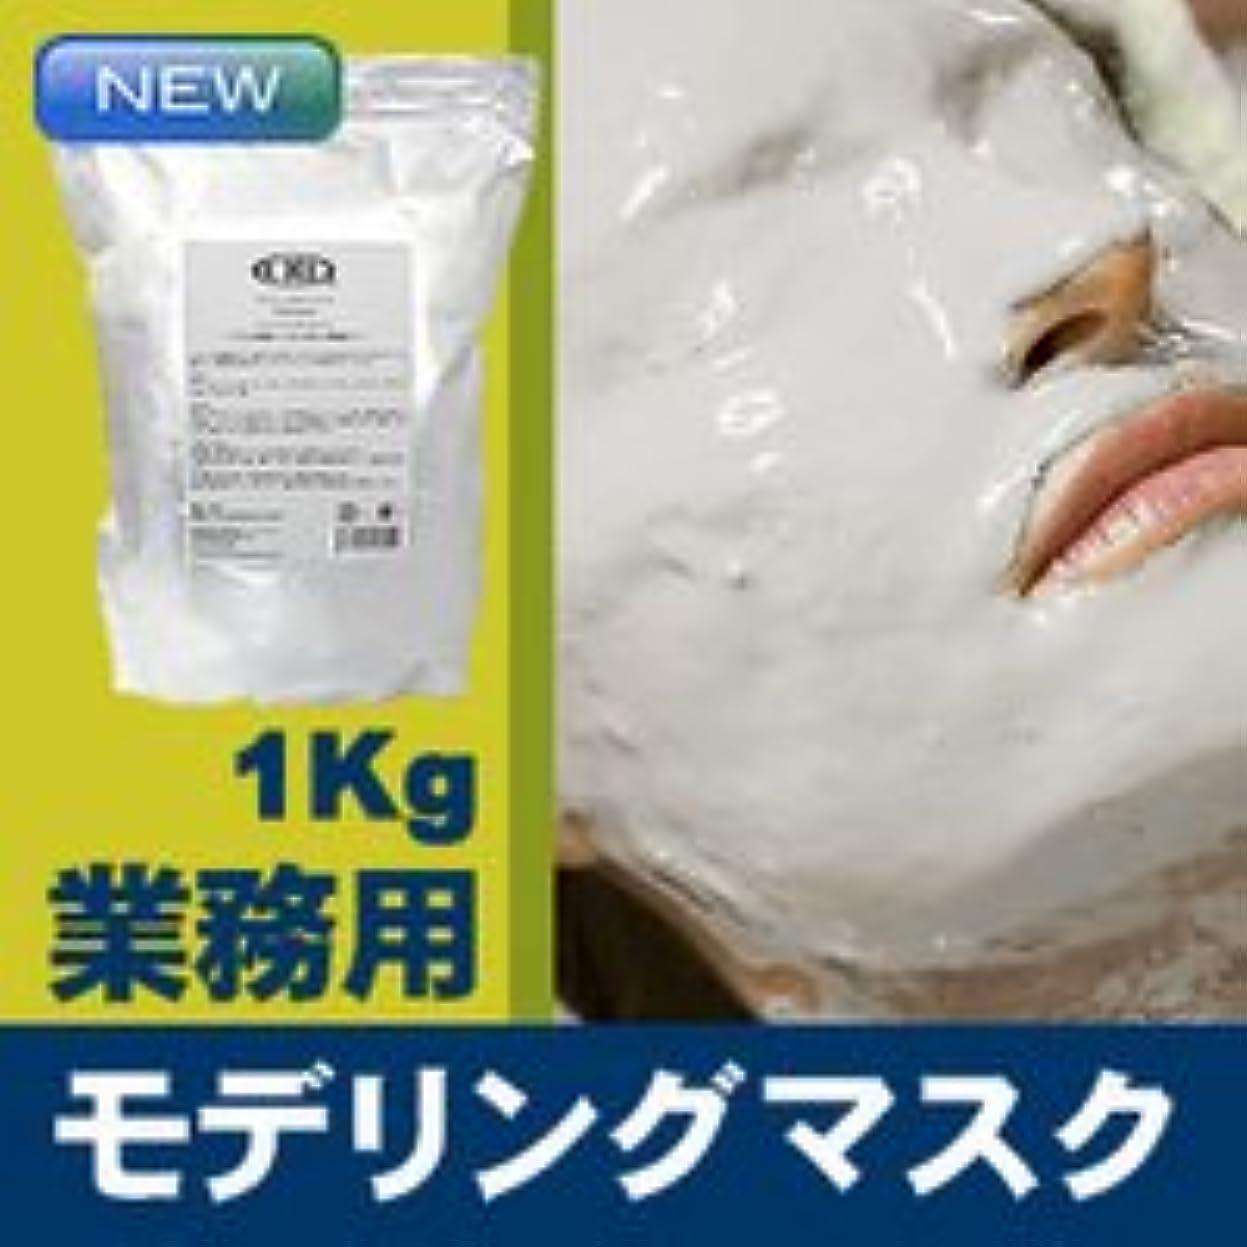 蓄積する統合挑発するモデリングマスク 1Kg 18種類のアミノ酸配合(シャイニングシルバー) / フェイスマスク?パック 【ピールオフマスク】